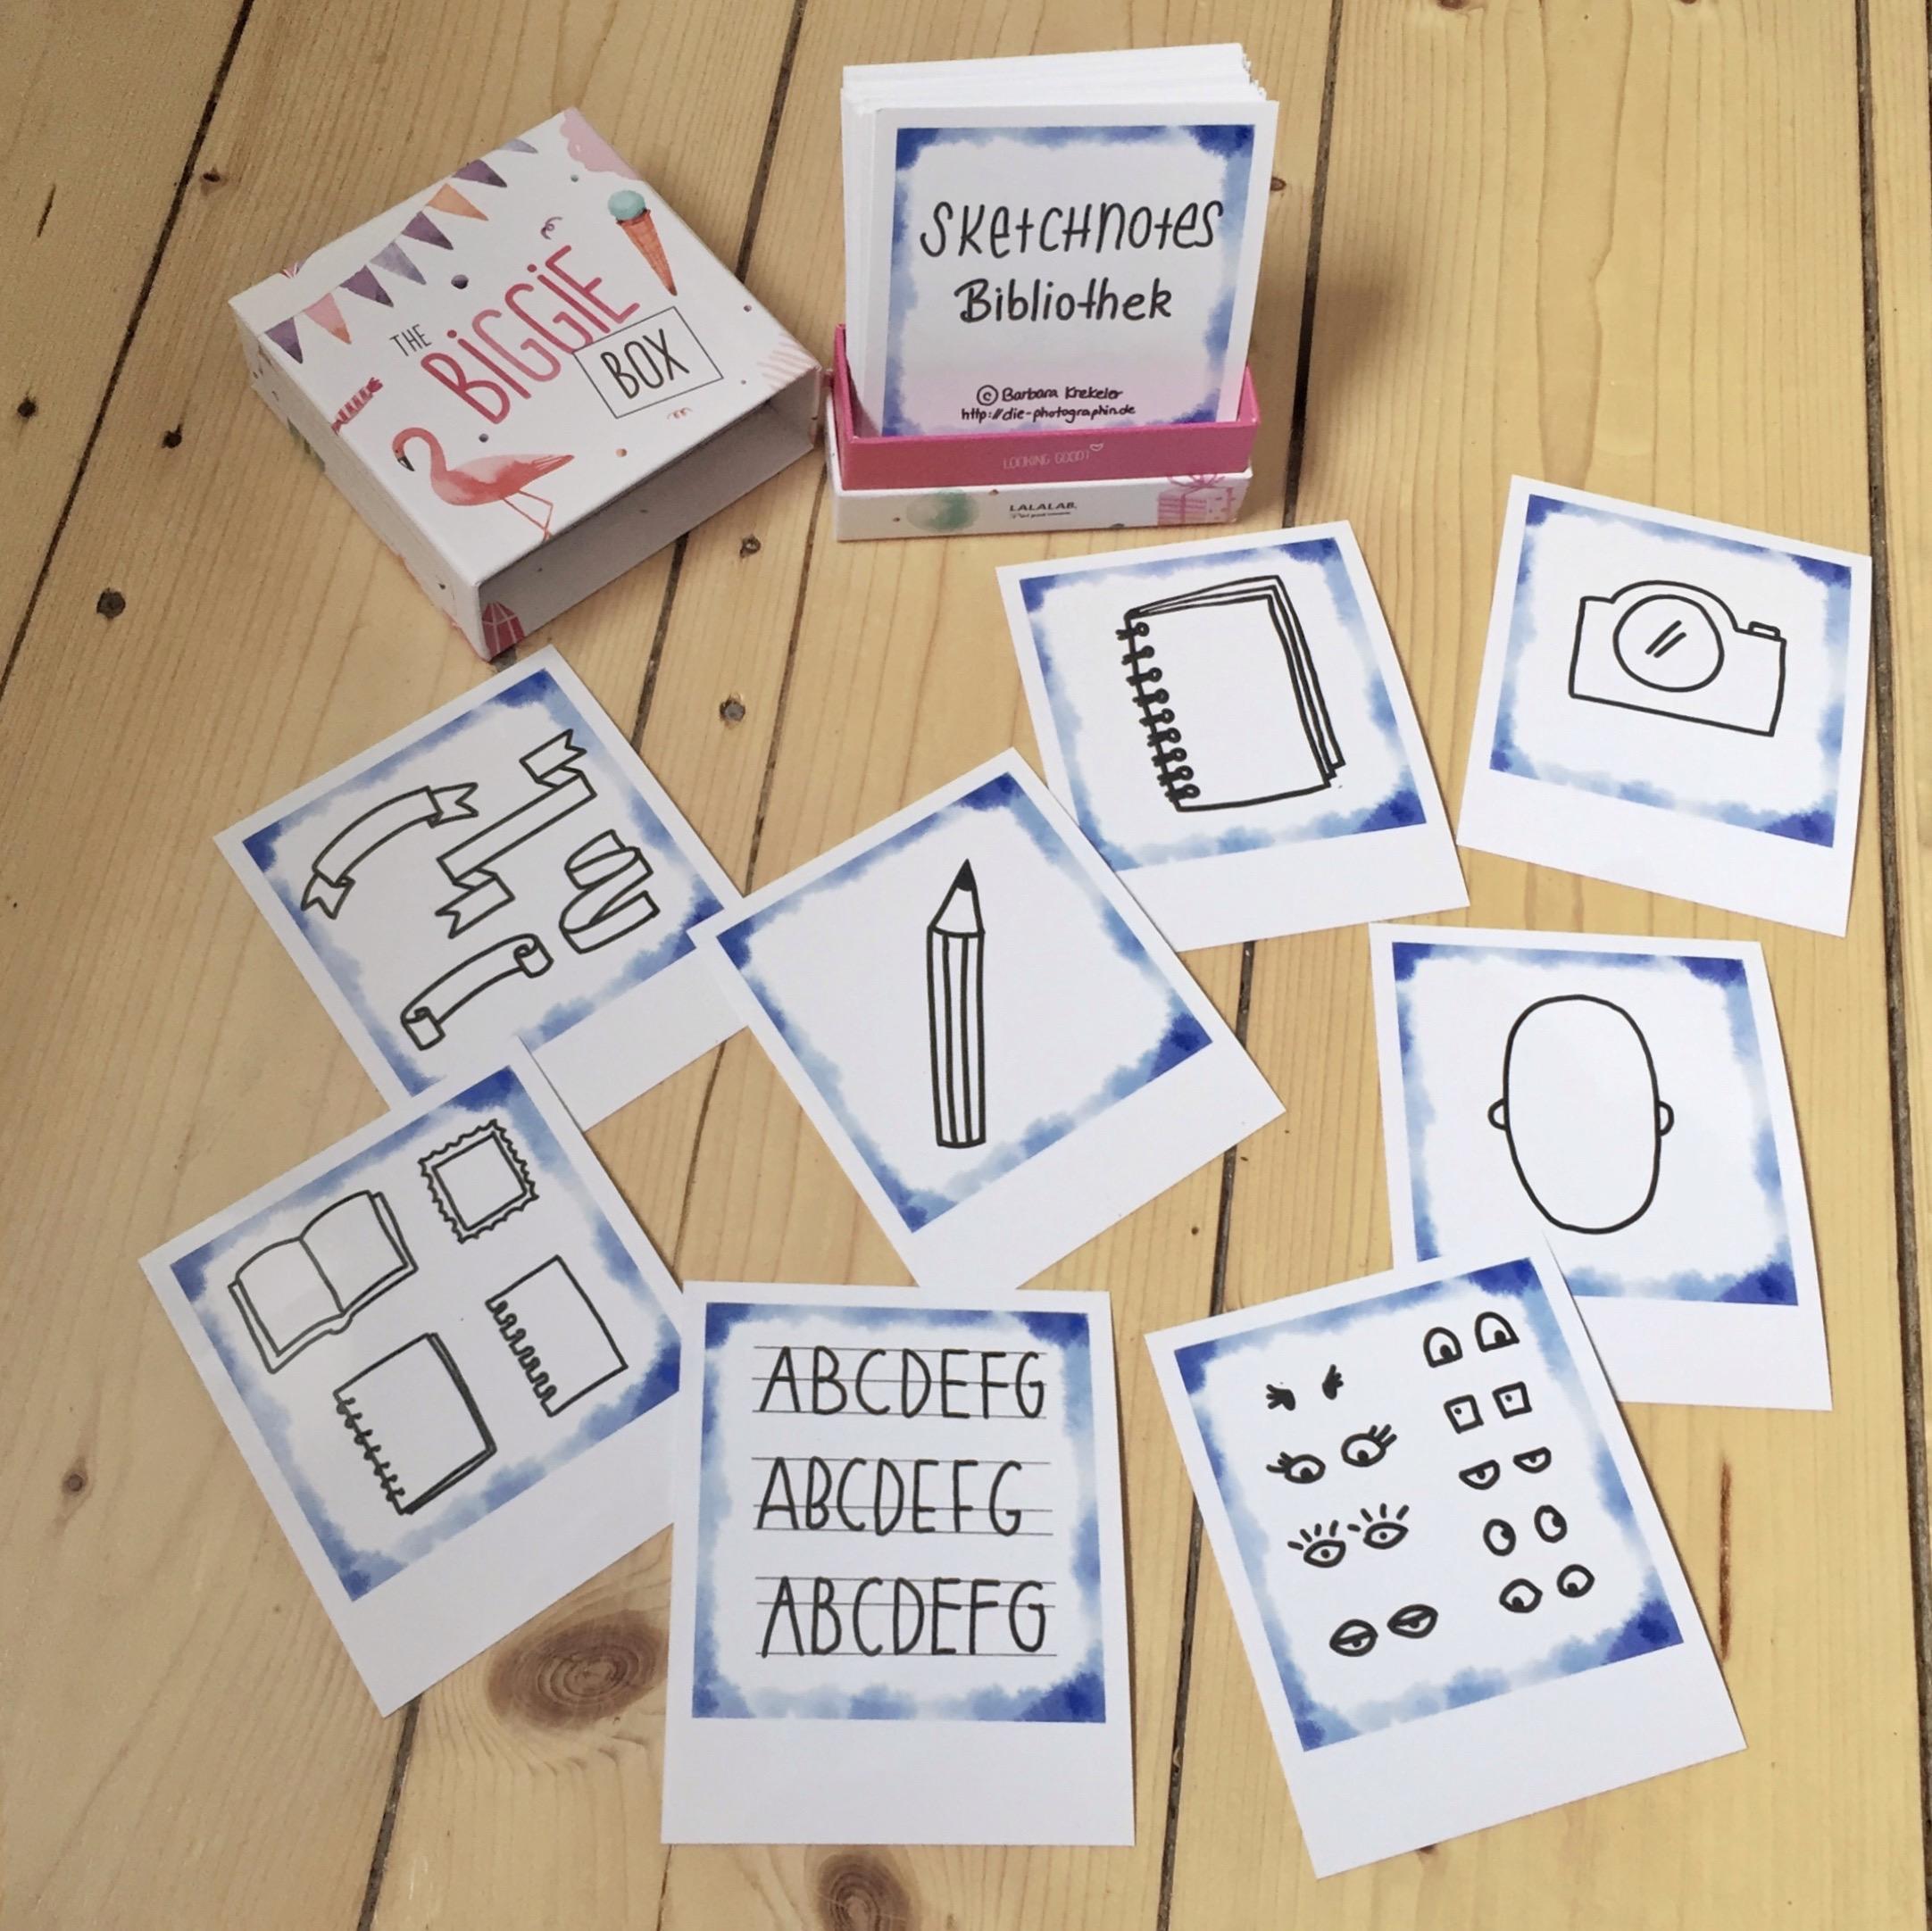 Meine Sketchnote Bibliothek auf Fotos im Polaroid-Stil - diephotographin